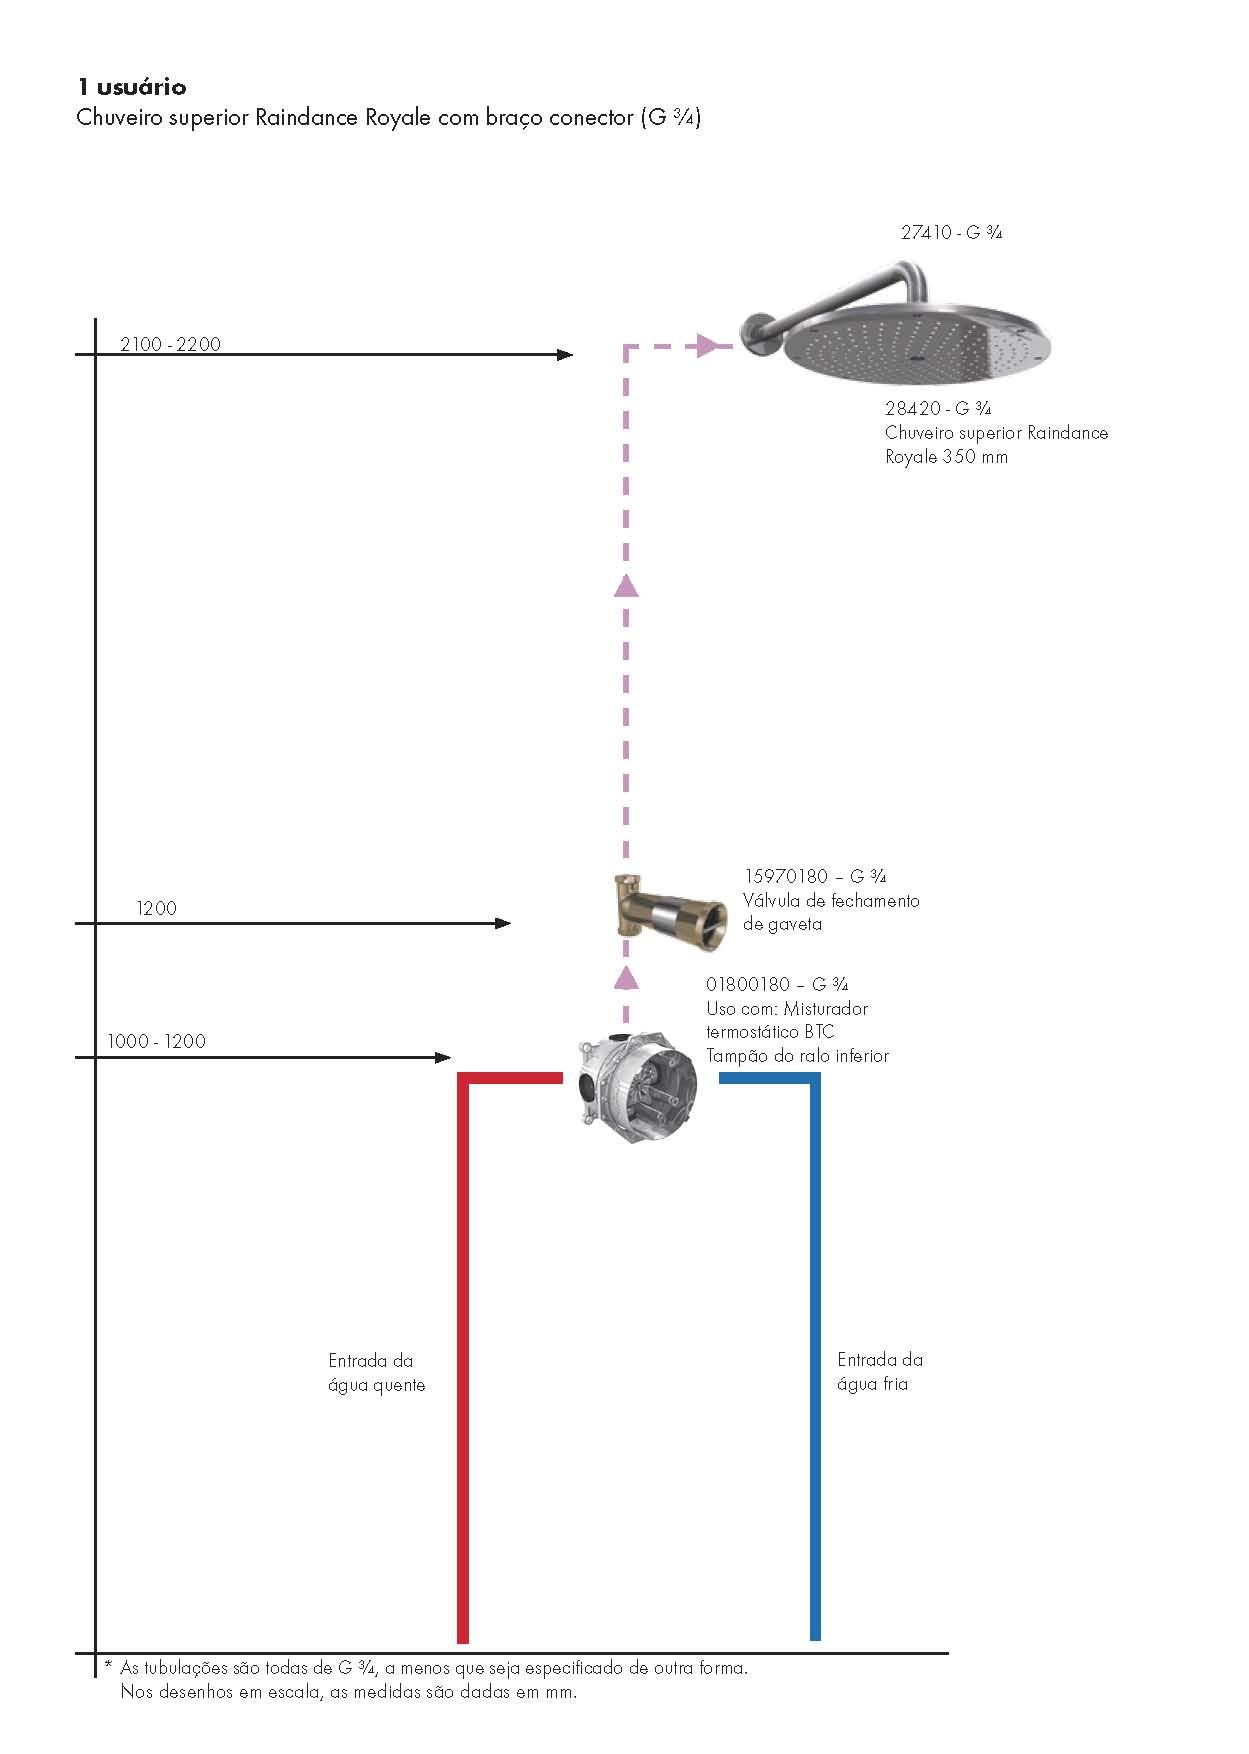 Sistemas de chuveiro exemplos de instalação Hansgrohe Brasil #236BA8 1249 1754